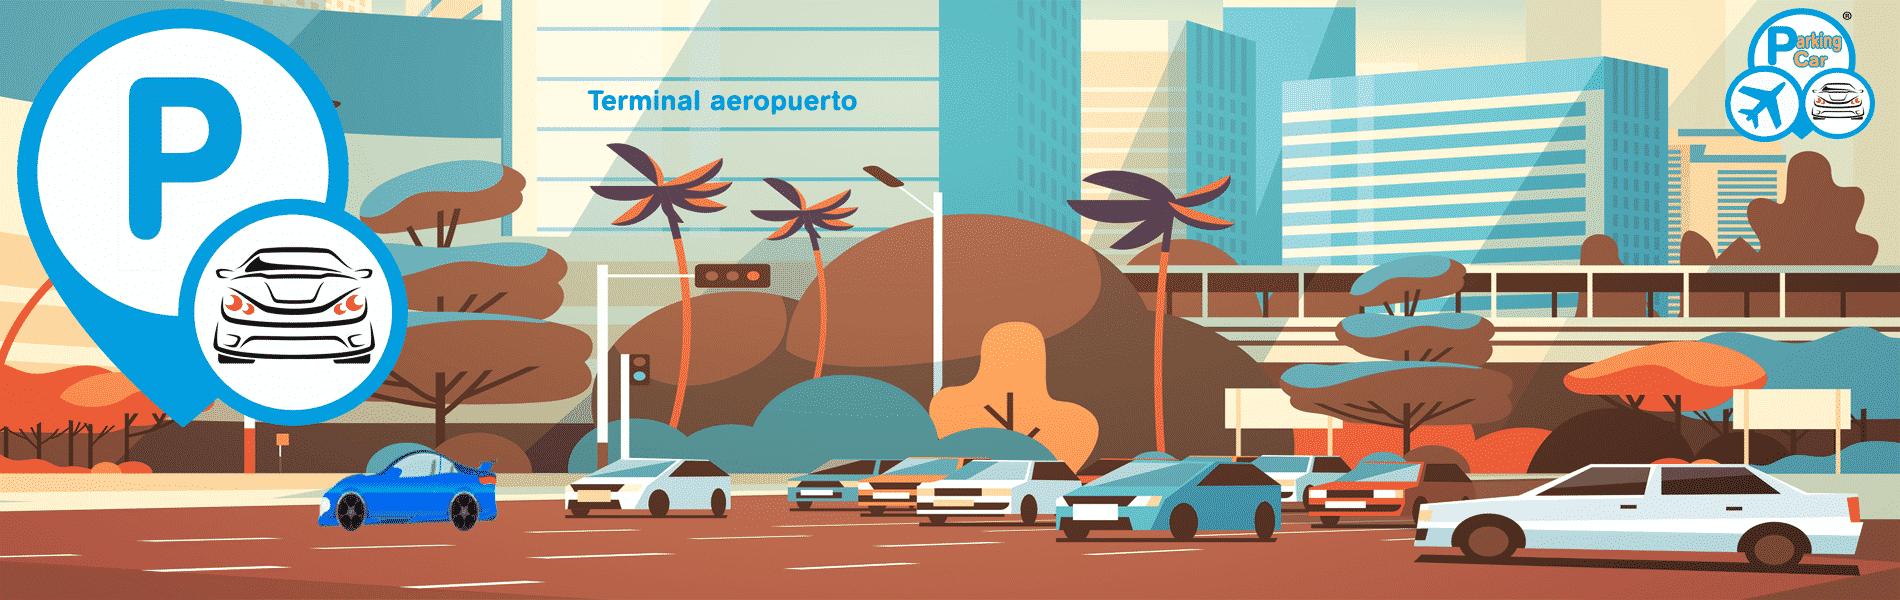 Nuestros parking aeropuerto madrid